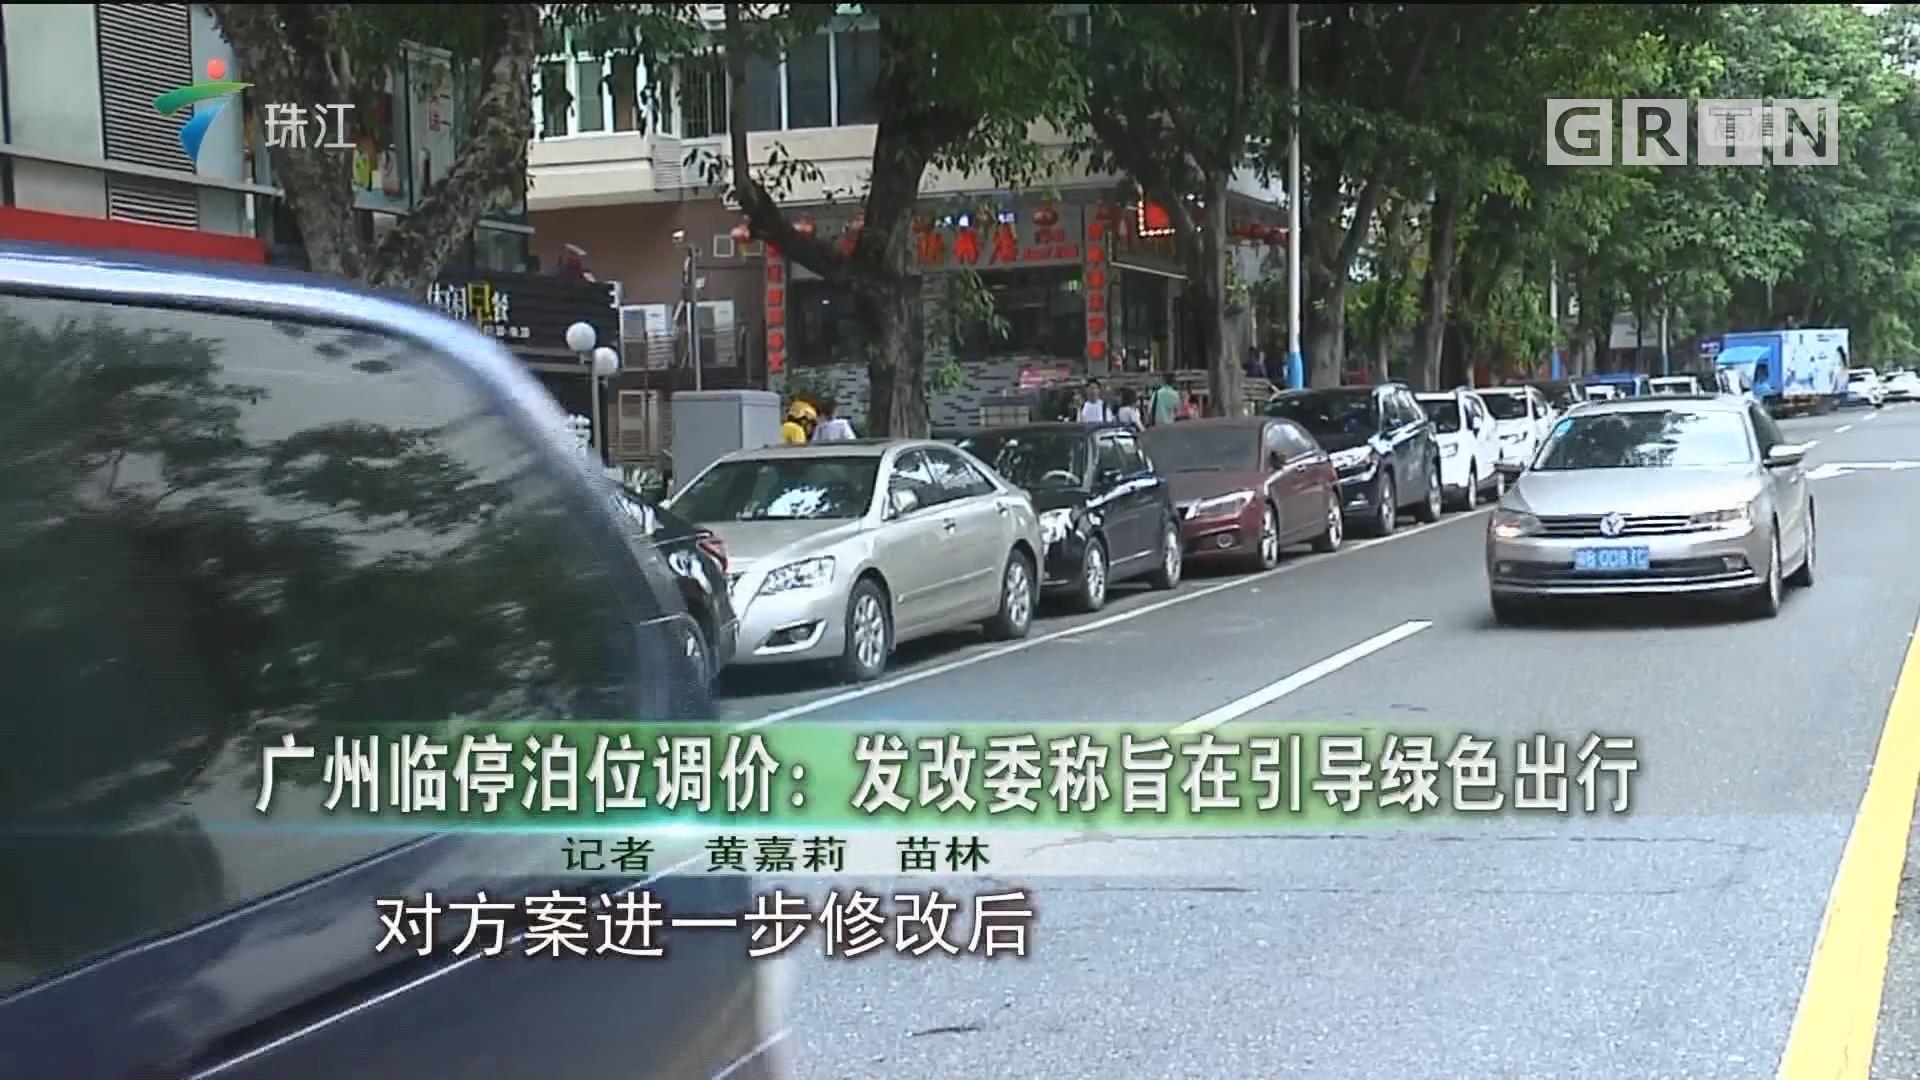 广州临停泊位调价:发改委称旨在引导绿色出行